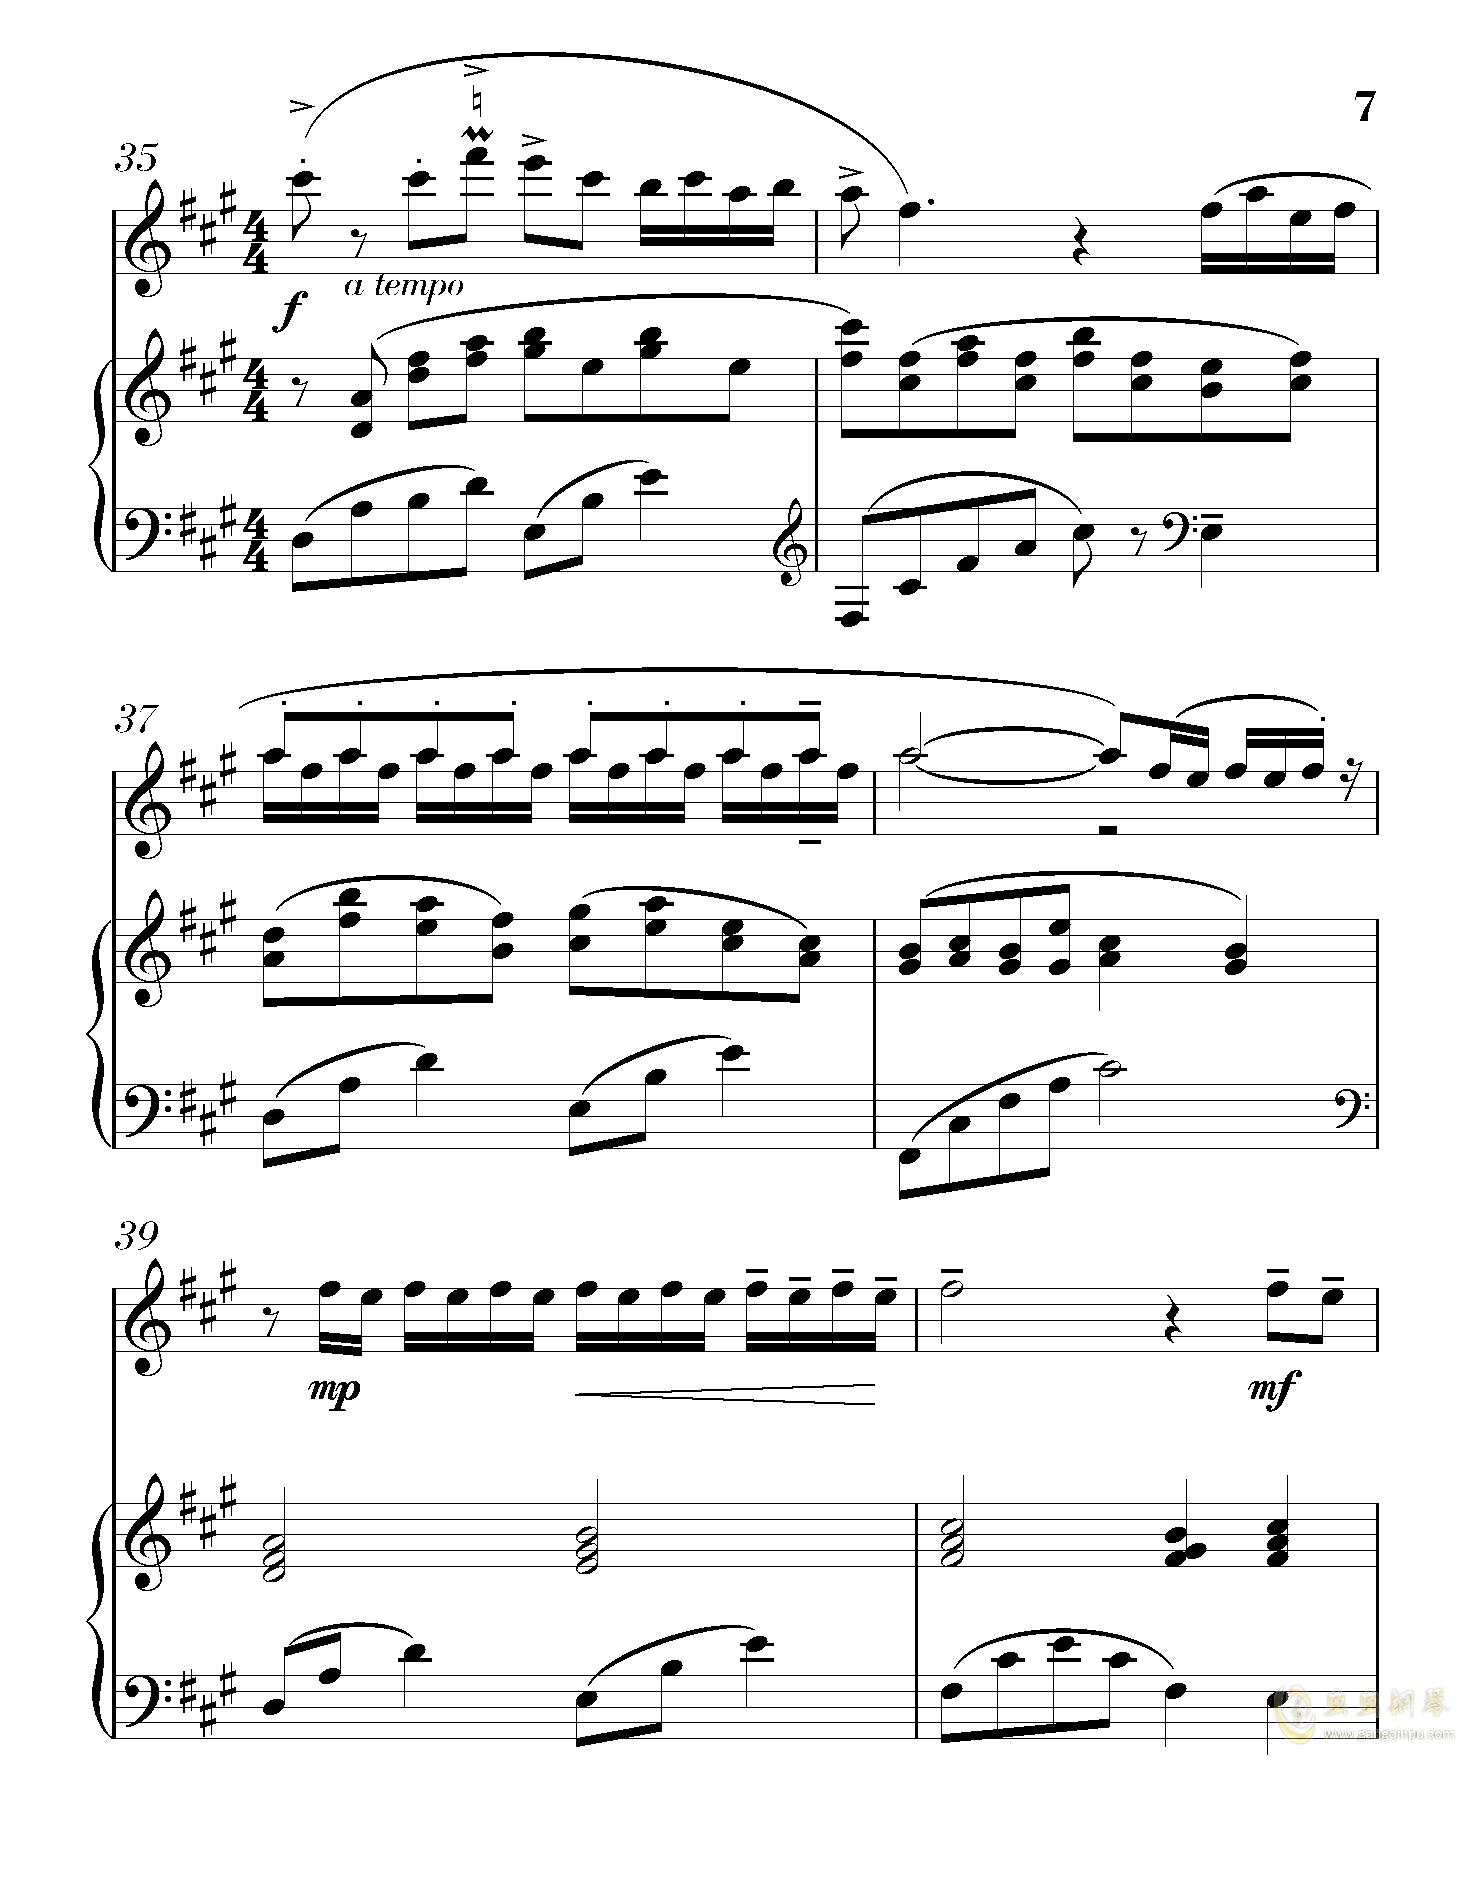 粉蝶舞-长笛版,陈文戈钢琴谱 第7页